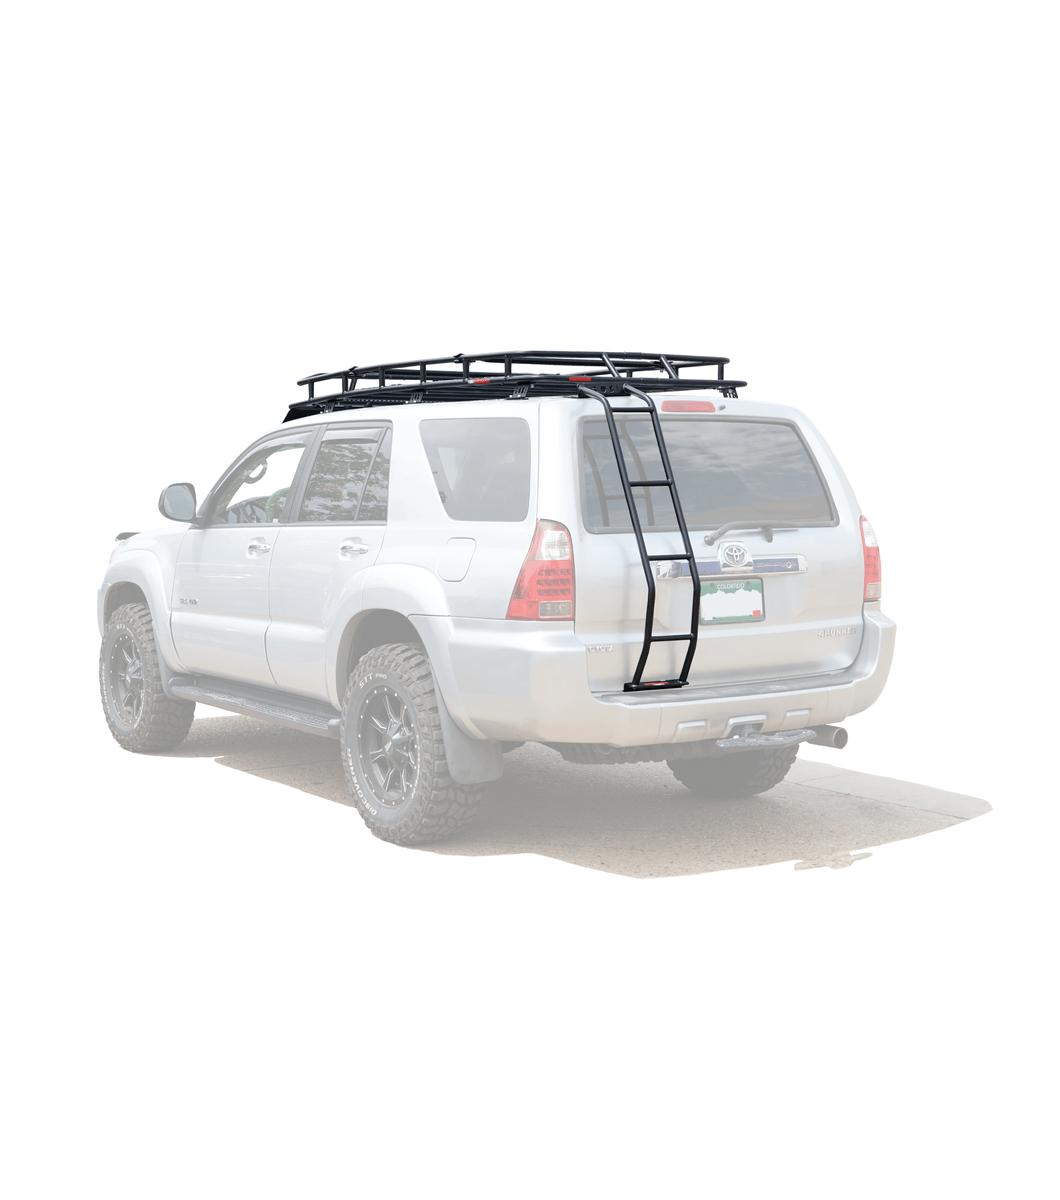 toyota 4runner 4th gen ranger rack multi light setup no sunroof